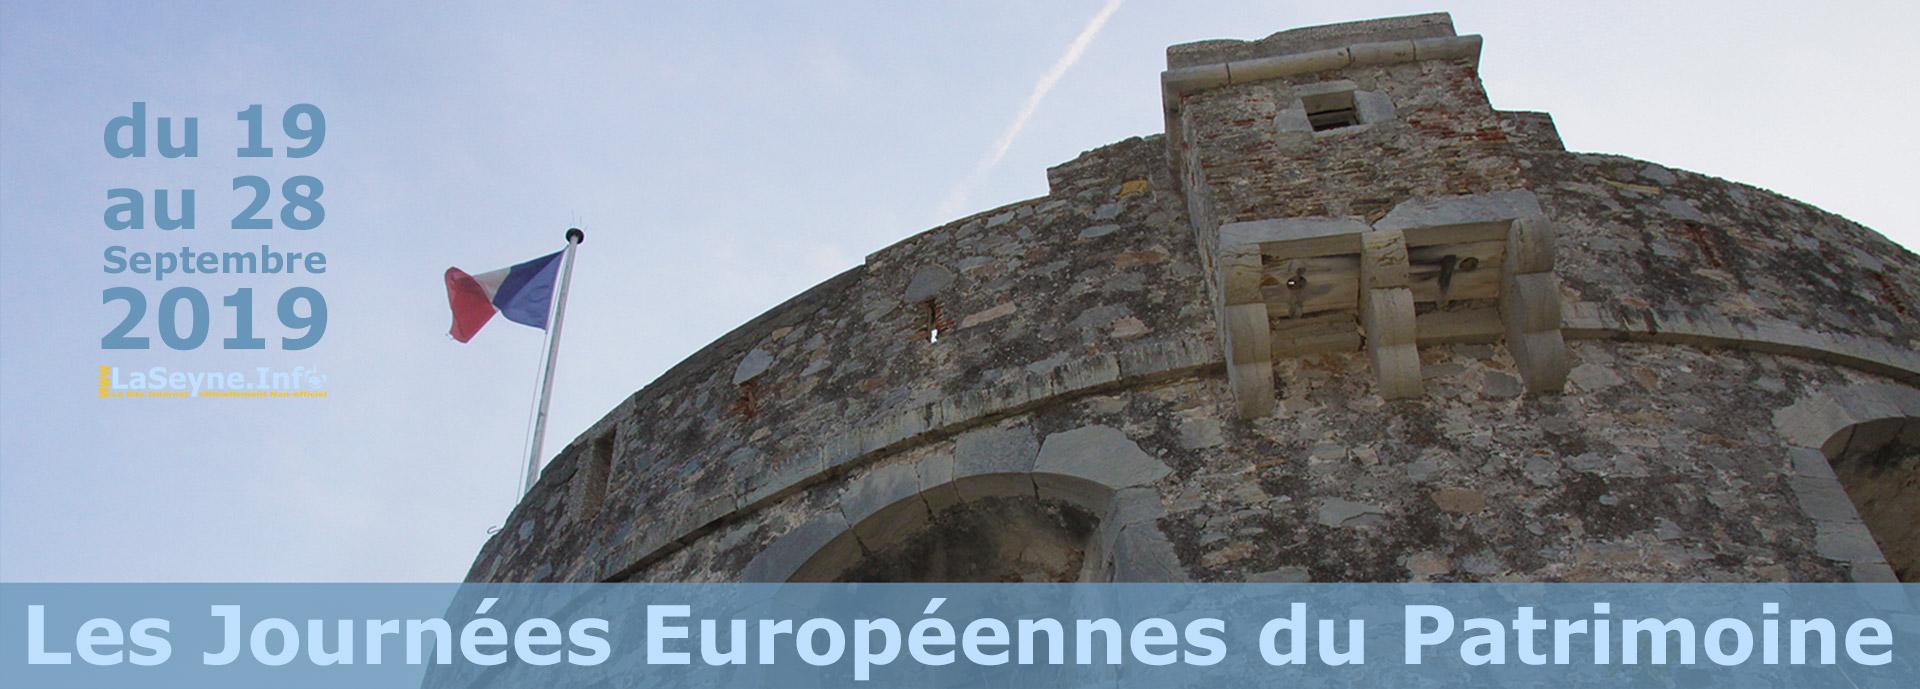 Les Journées Européennes du Patrimoine 2019, du 19 au 28 Septembre